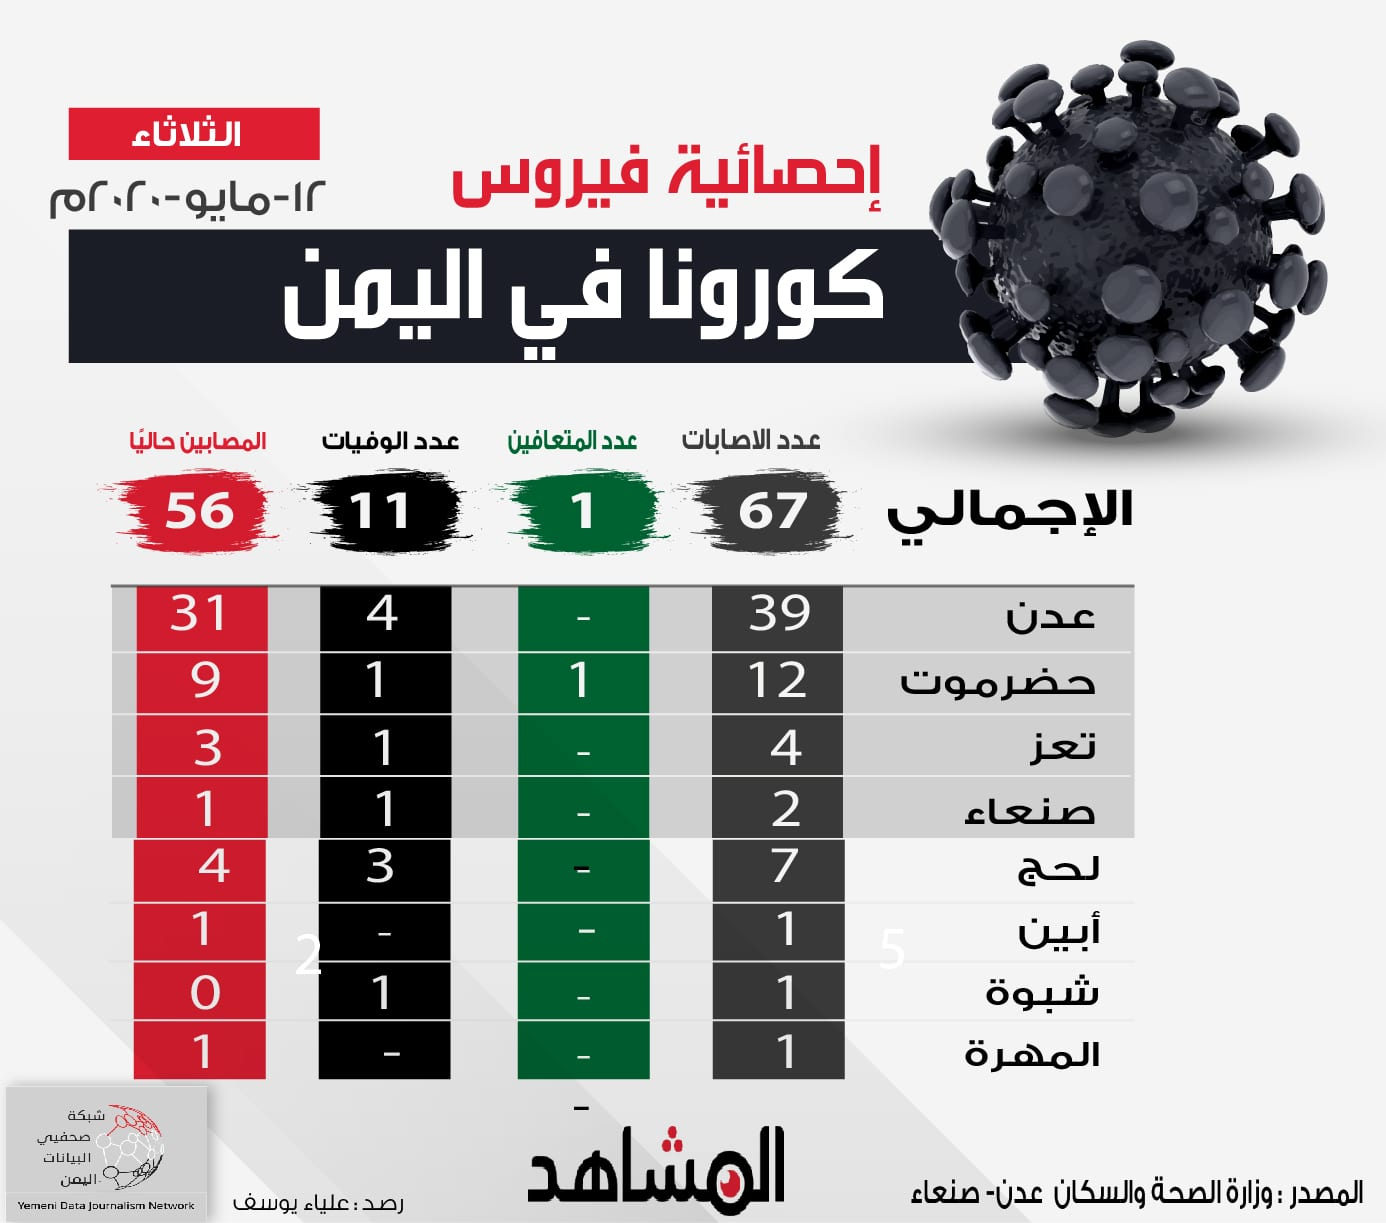 إحصائية جديدة بفيروس كورونا في اليمن اليوم